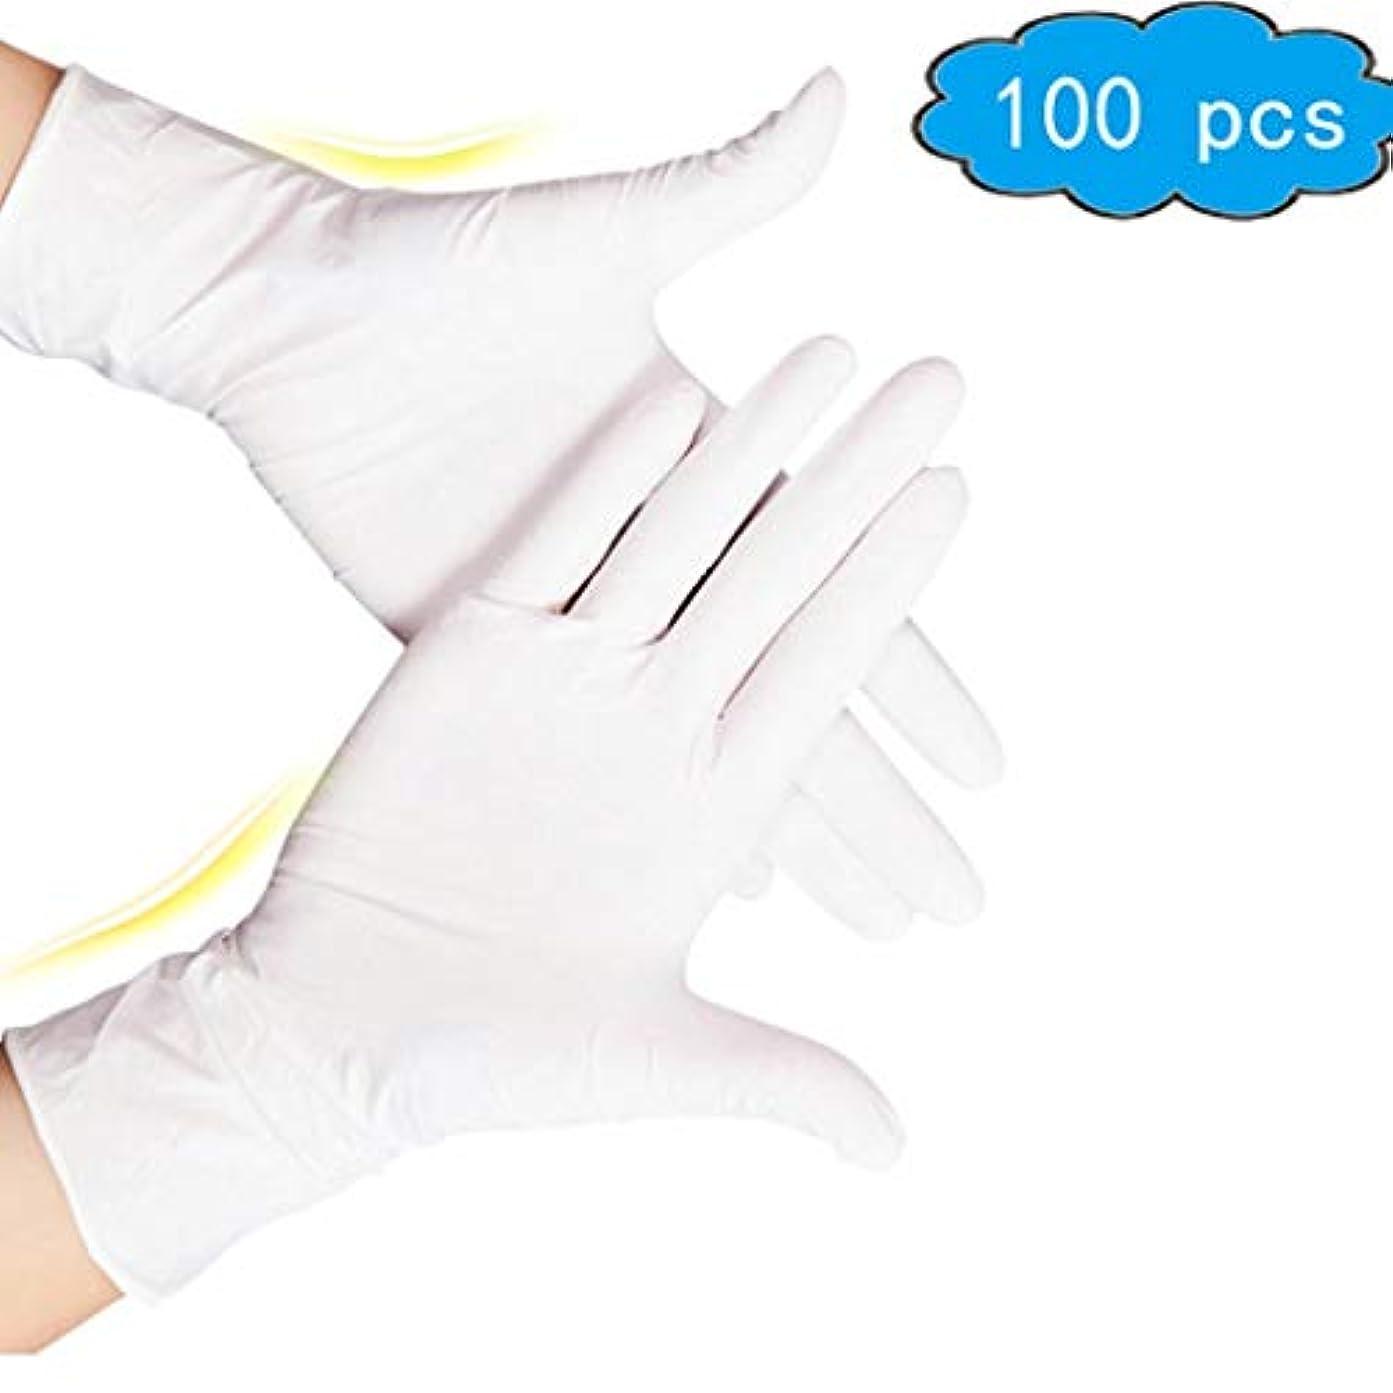 入場料従う庭園ホワイトニトリル使い捨て手袋 - 質感、検査、パウダーフリー、極厚5ミル、極太12